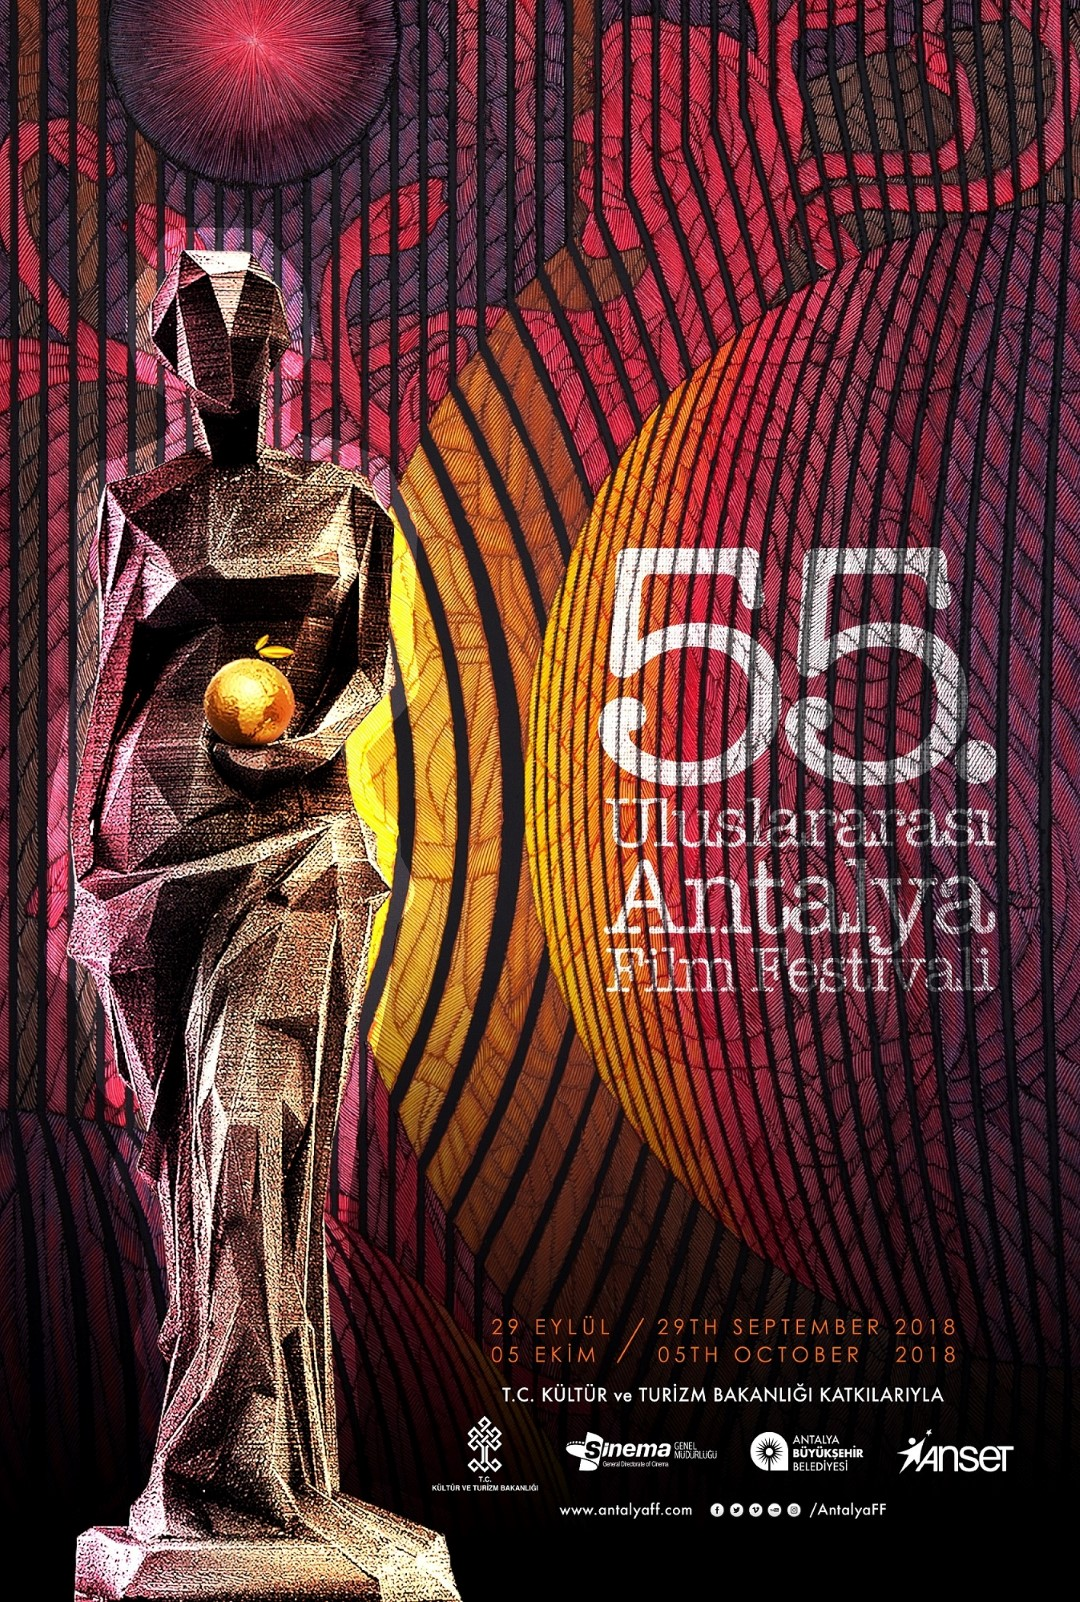 'Türkiye'nin Oscarı' 55'inci kez kapılarını açıyor